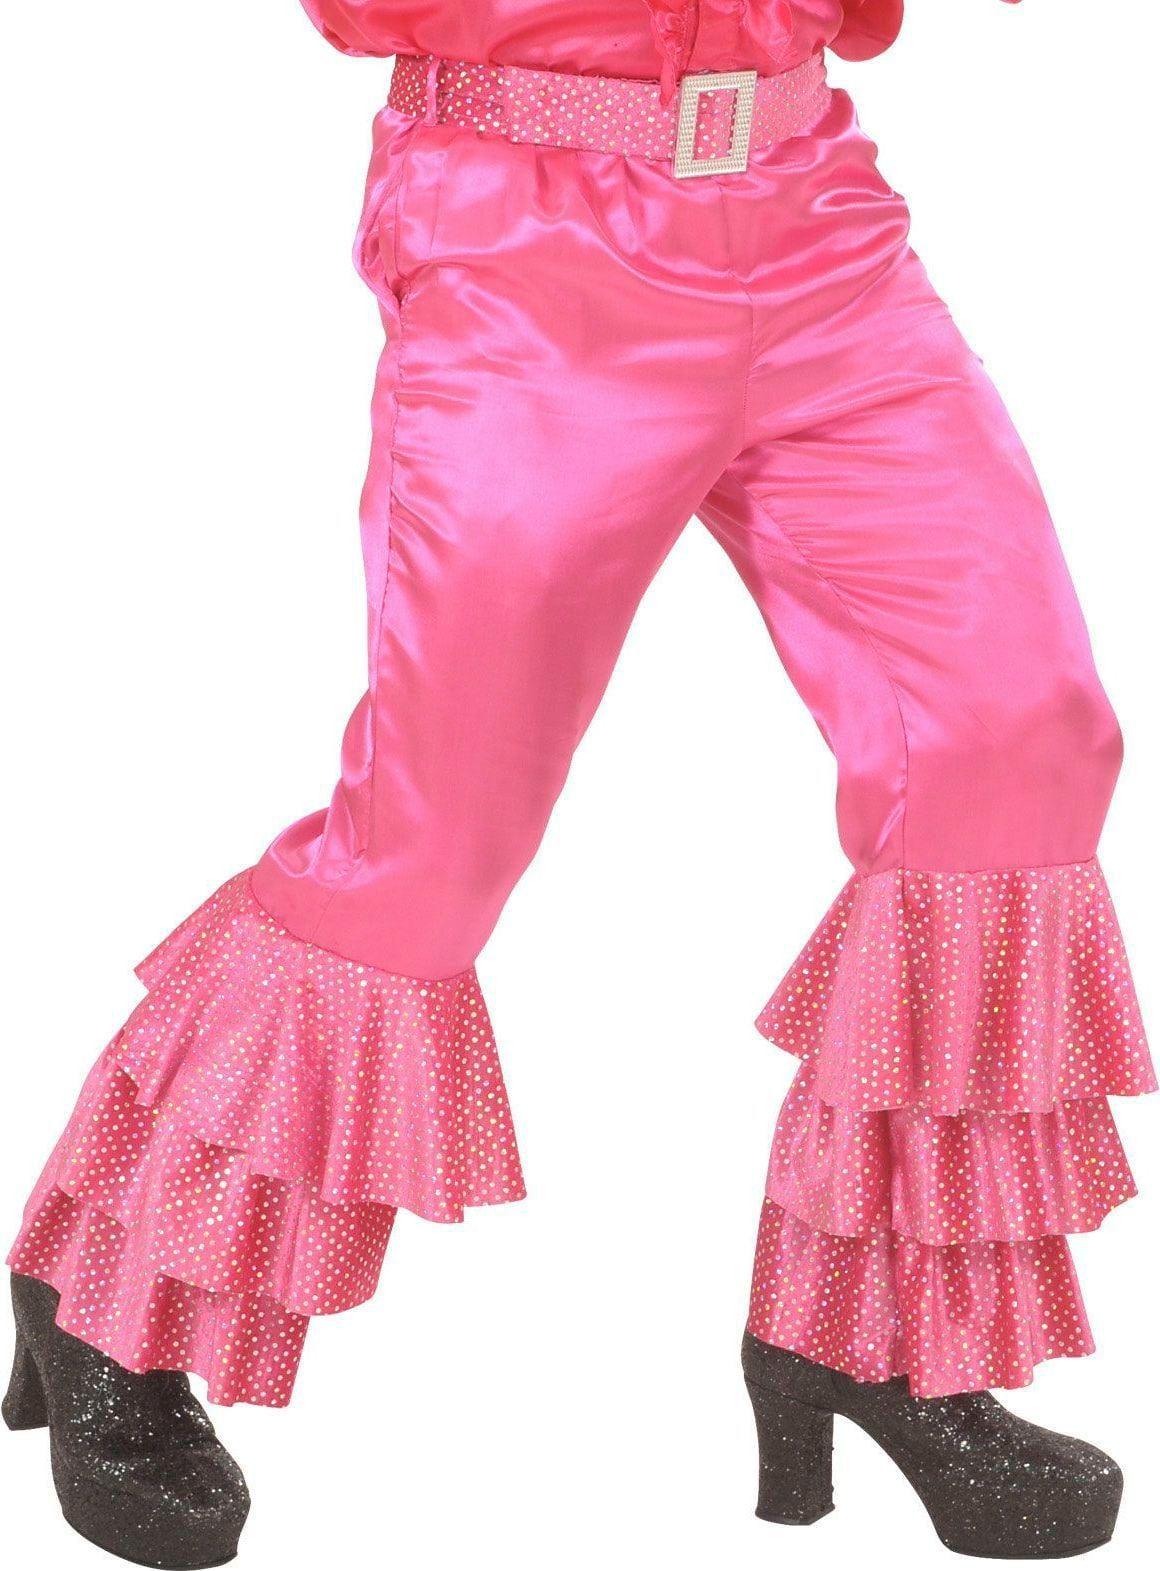 Disco broek met pailletten roze